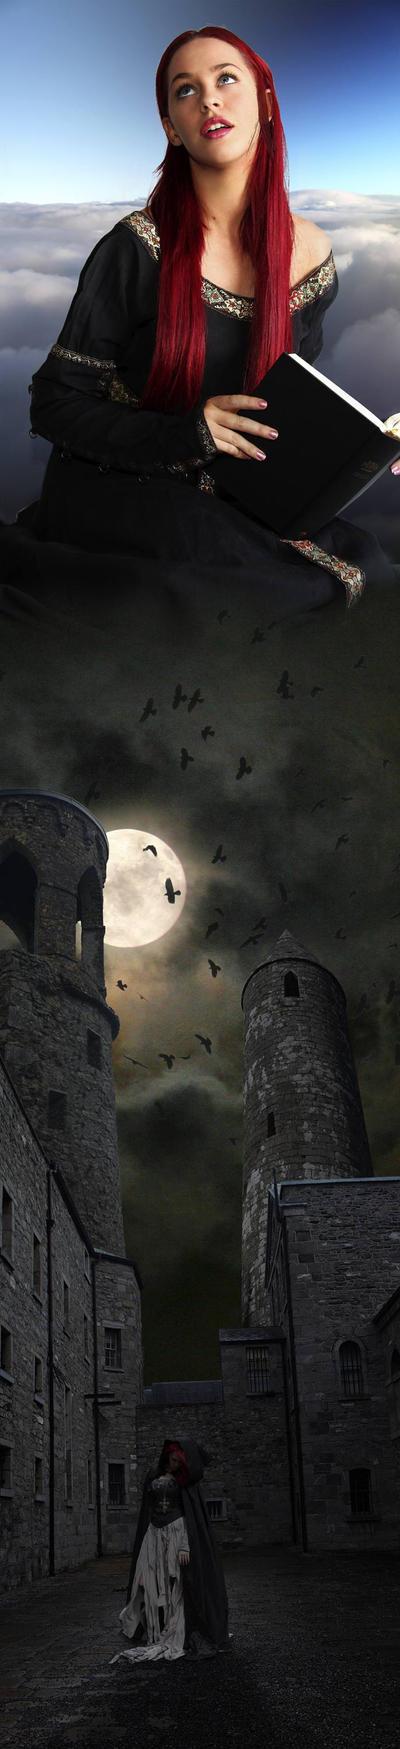 Tales of the Night by Khudozhnik